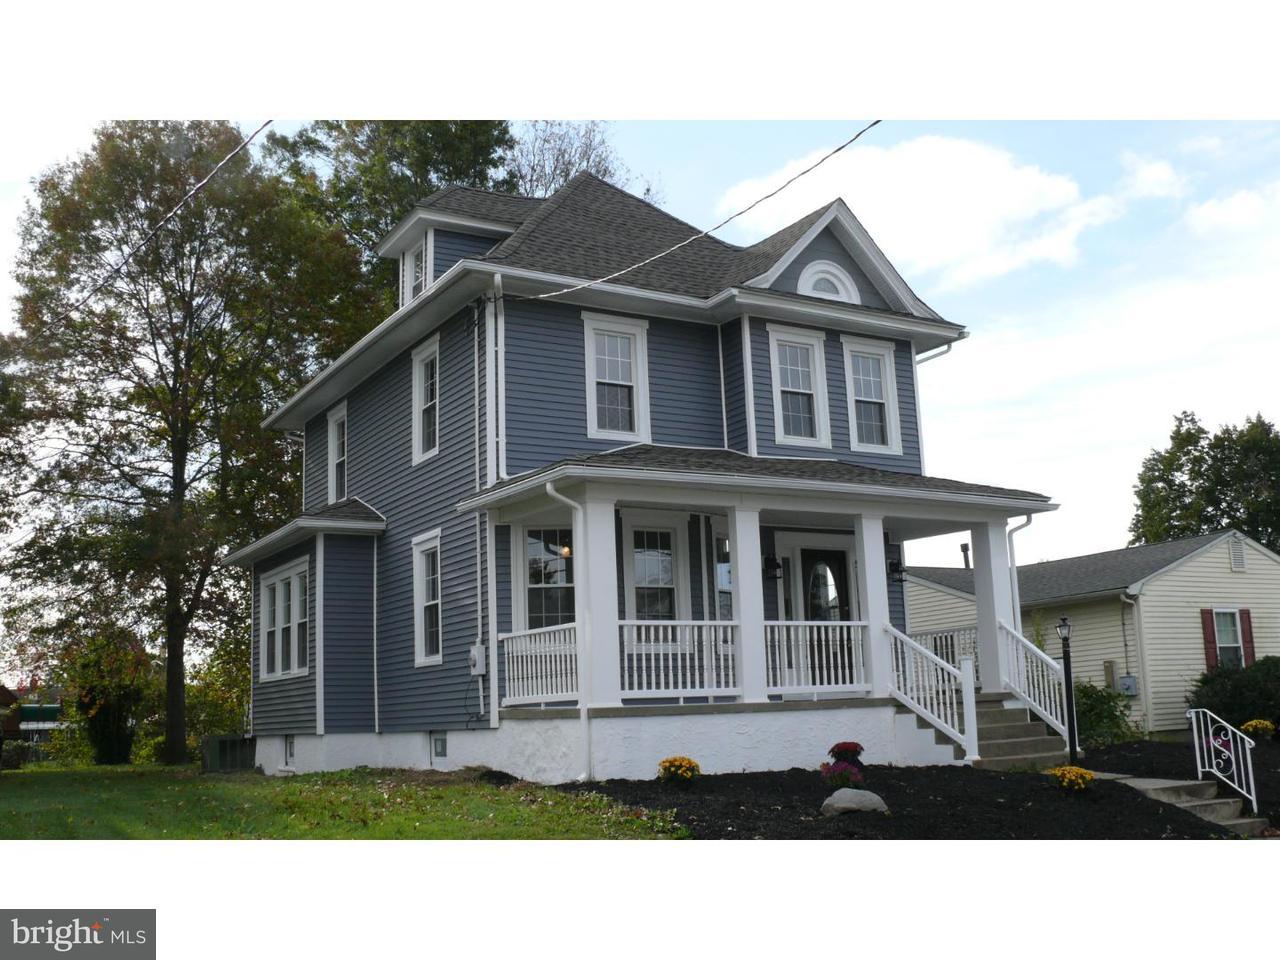 独户住宅 为 销售 在 318 W WASHINGTON Avenue Magnolia, 新泽西州 08049 美国